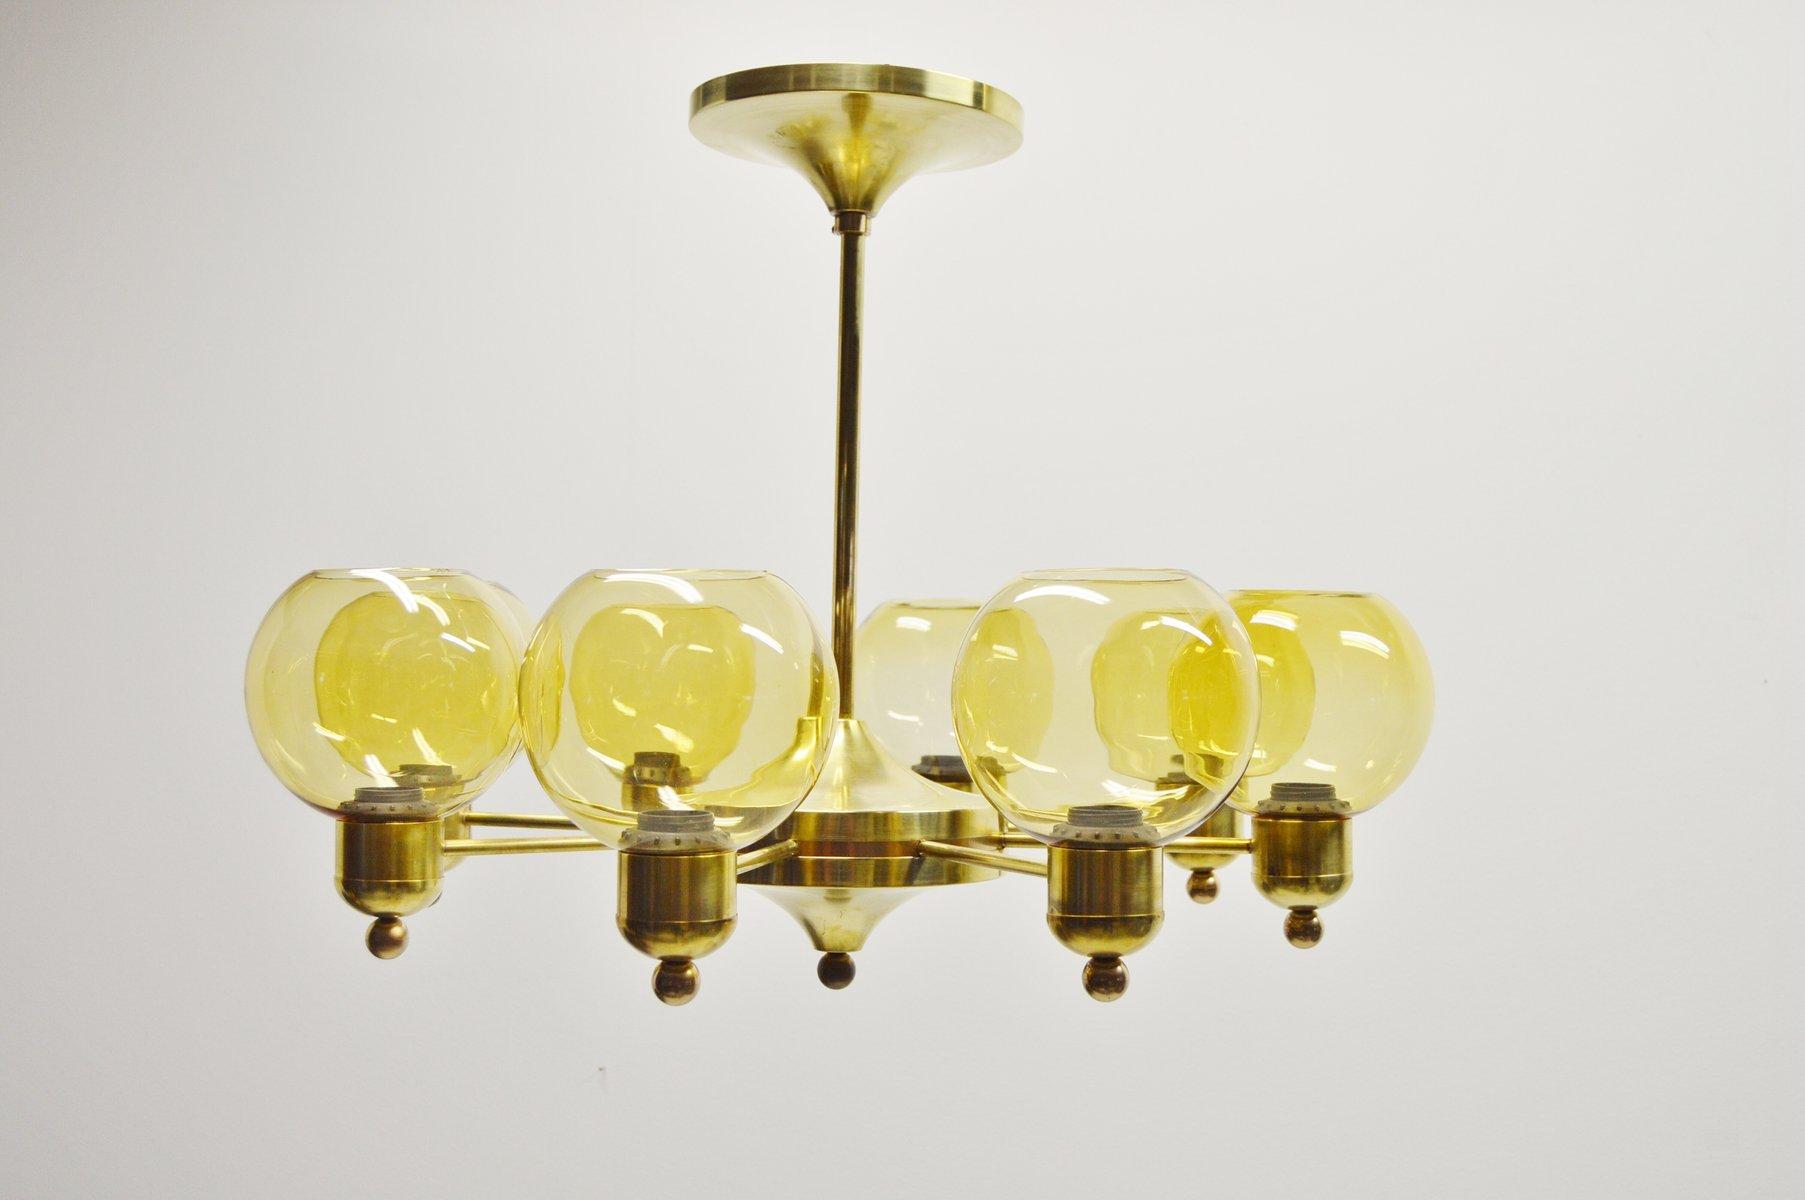 messing kronleuchter 1960er 2er set bei pamono kaufen. Black Bedroom Furniture Sets. Home Design Ideas